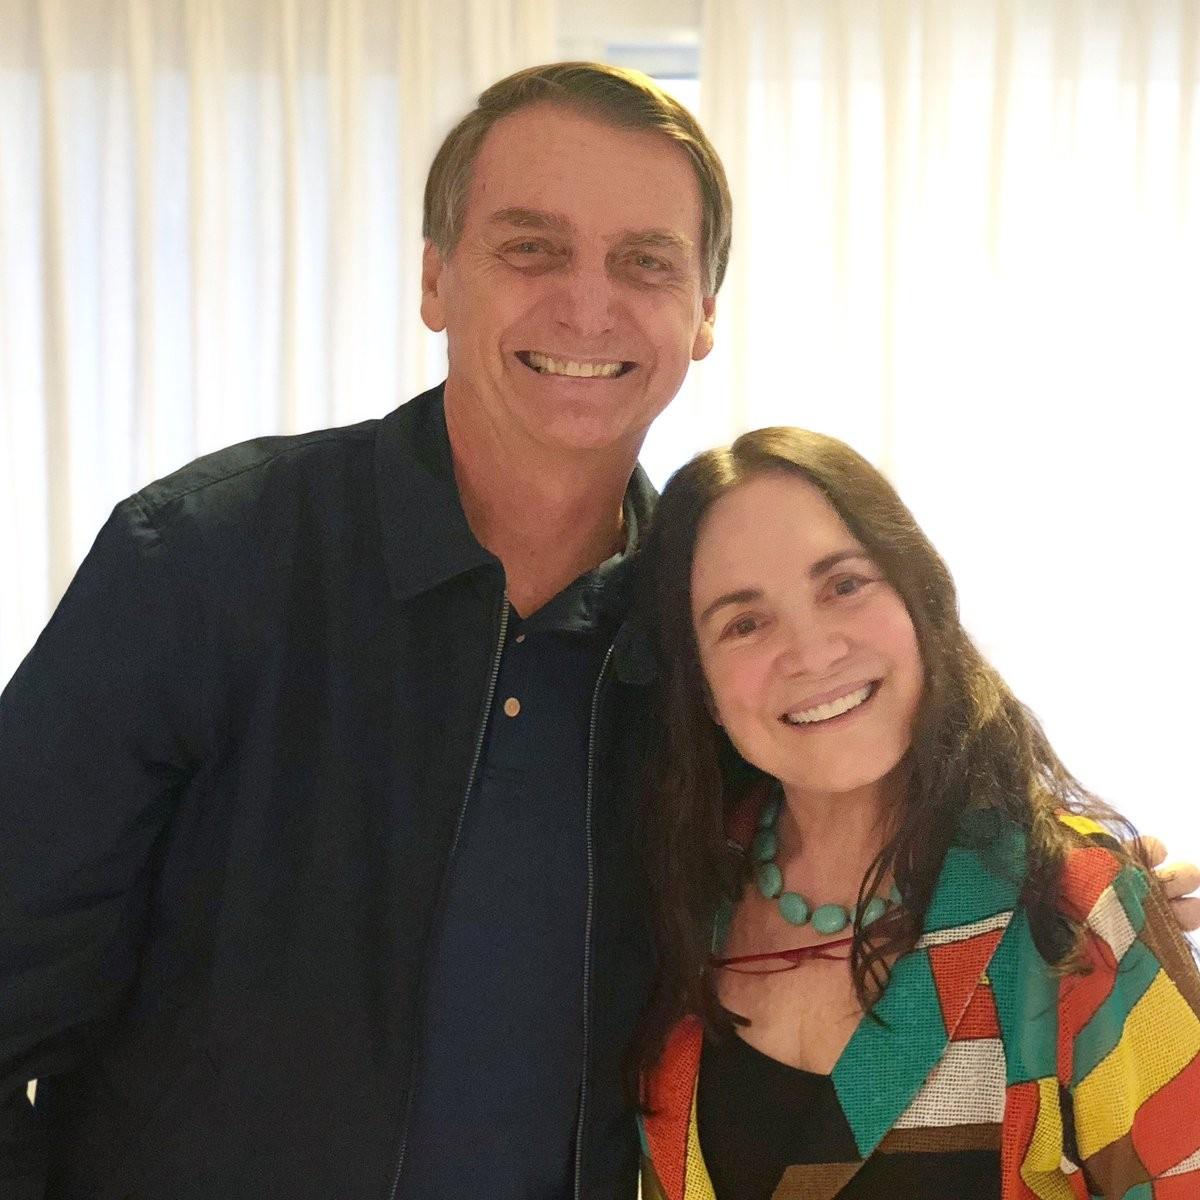 Regina Duarte com Bolsonaro - Reprodução Twitter 11.10.2018